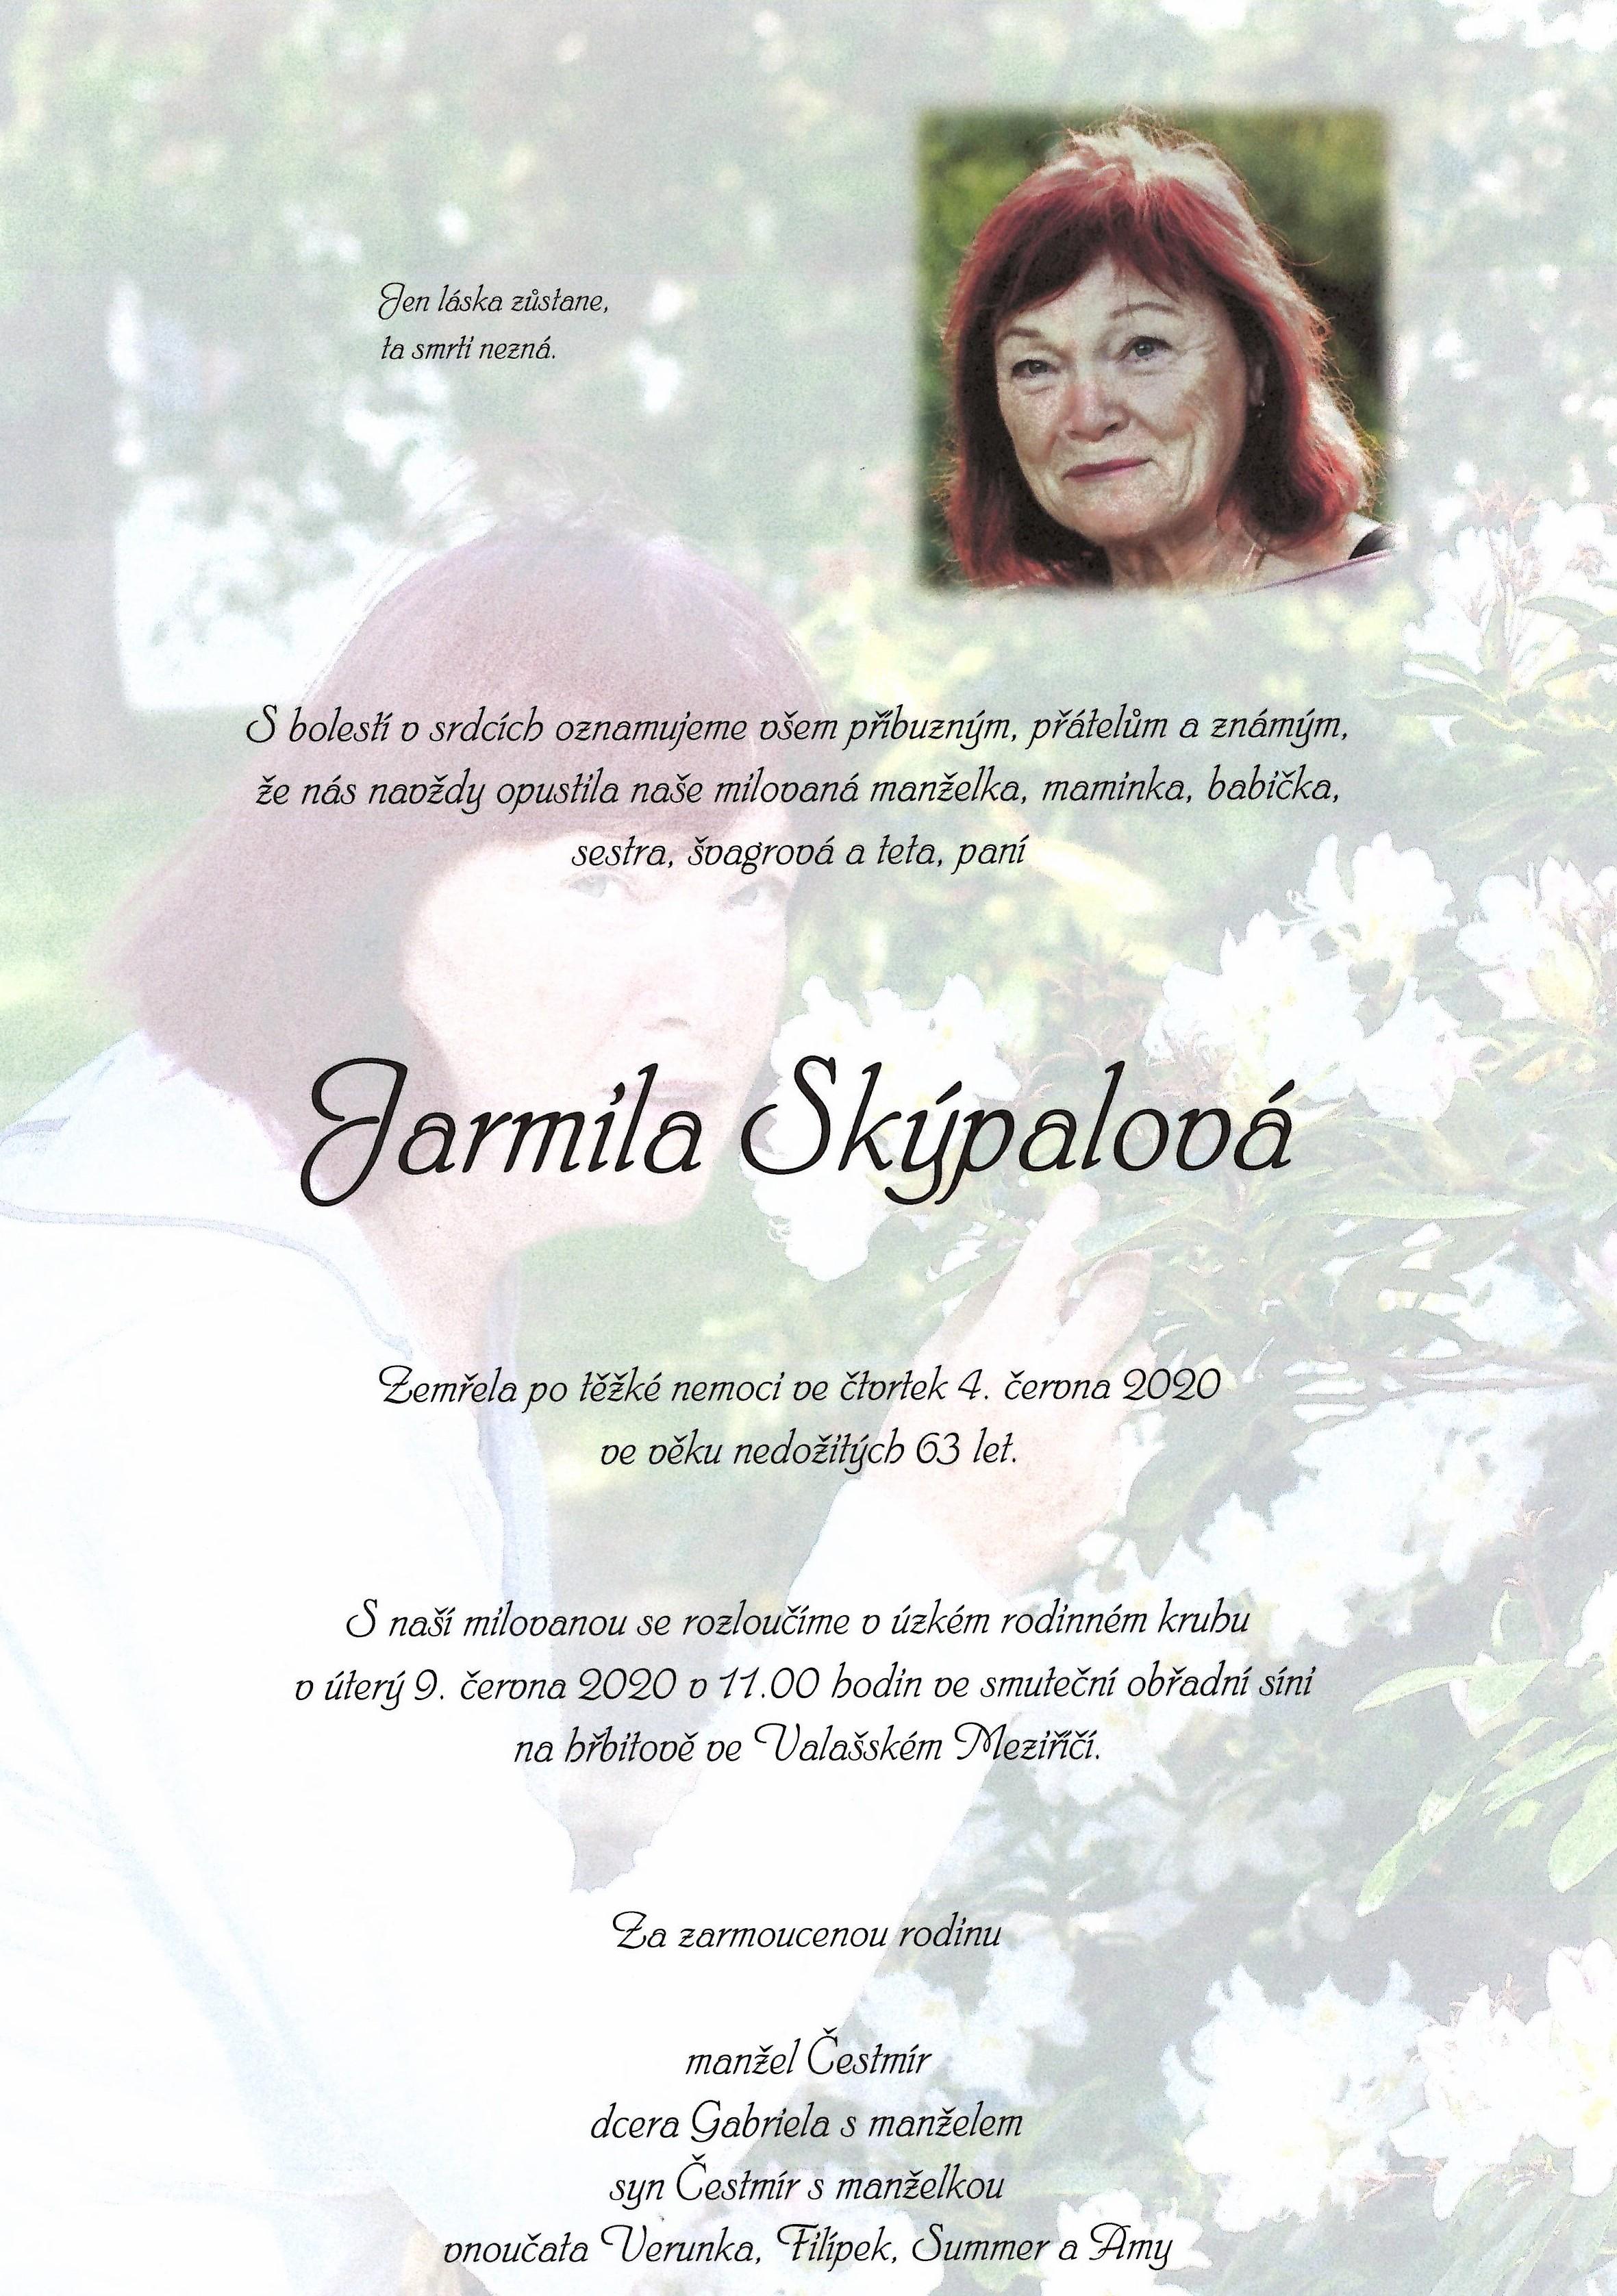 Jarmila Skýpalová